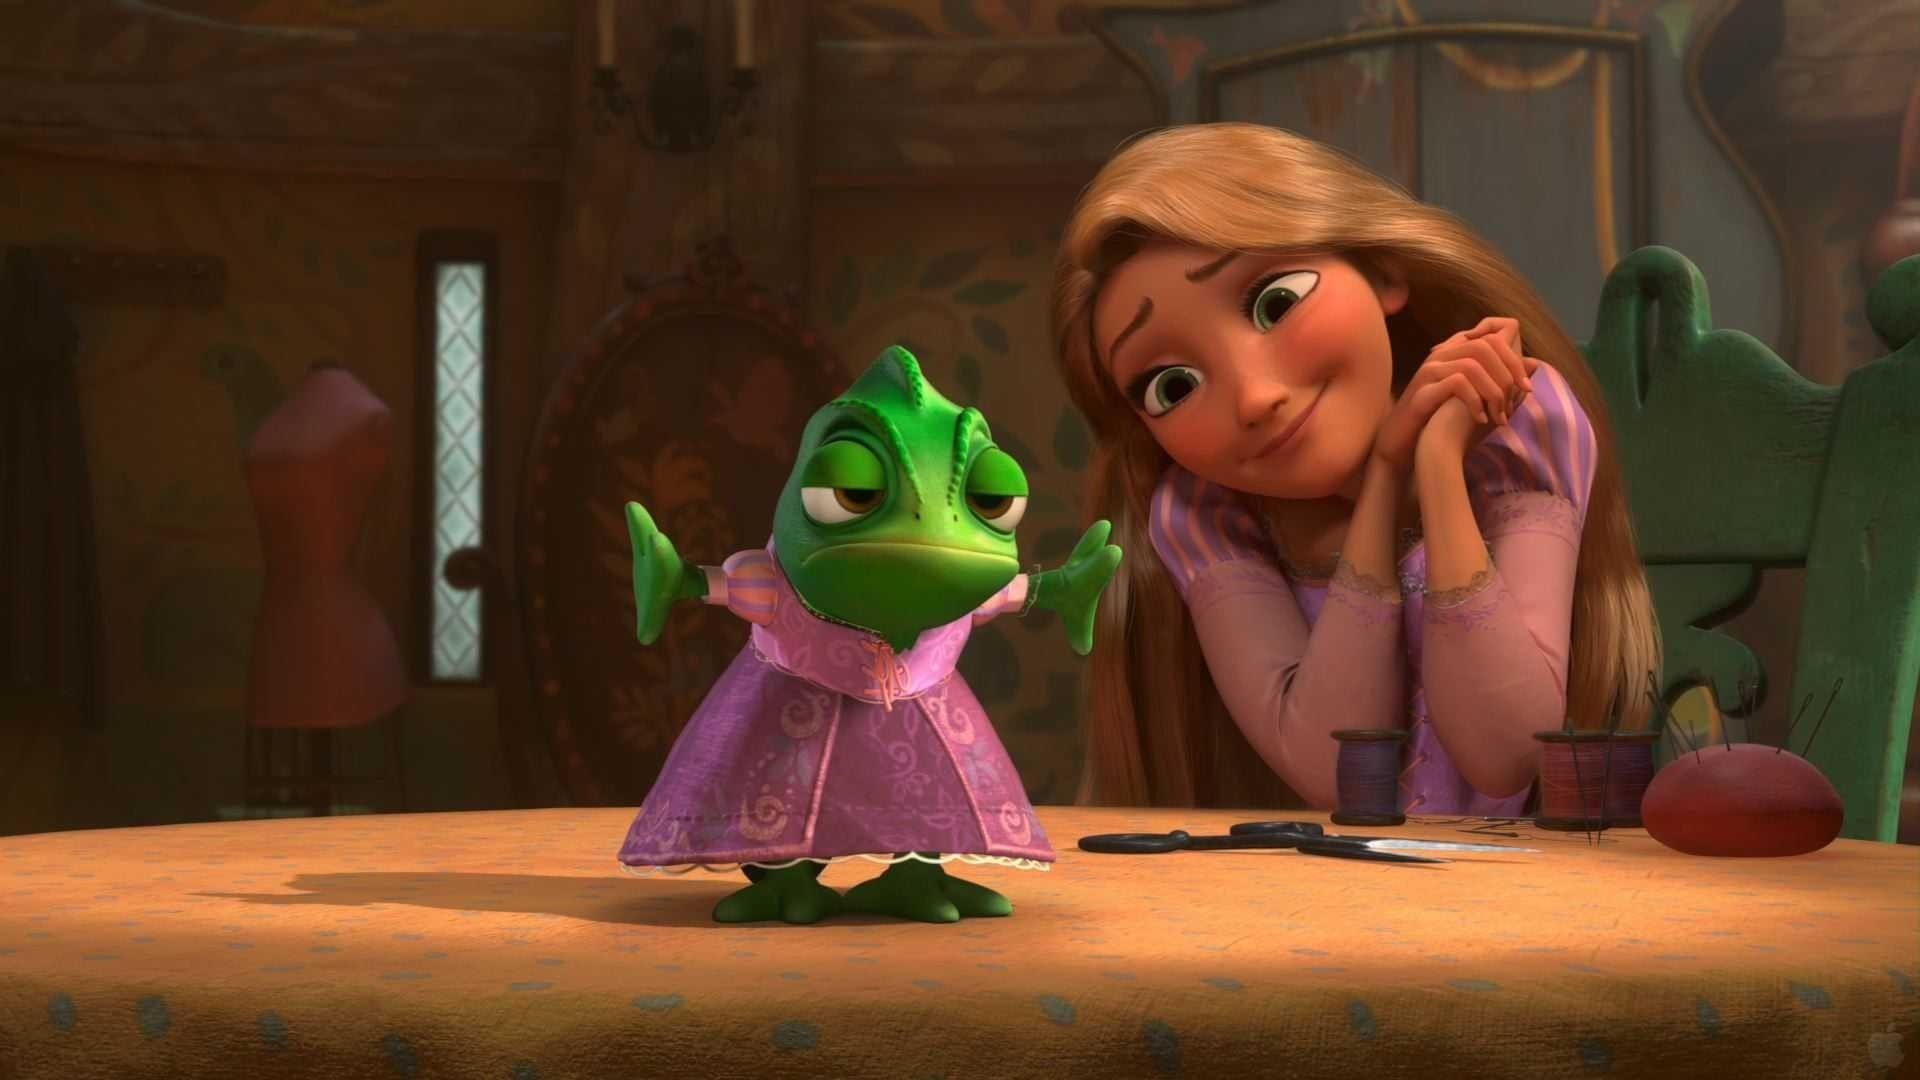 Rapunzel L Intreccio Della Torre 2010 Full Movie Online Streaming Movie123 Una Goccia Di Sole Cadde Tanto Tempo Fa Dal Principesse Disney Walt Disney Disney